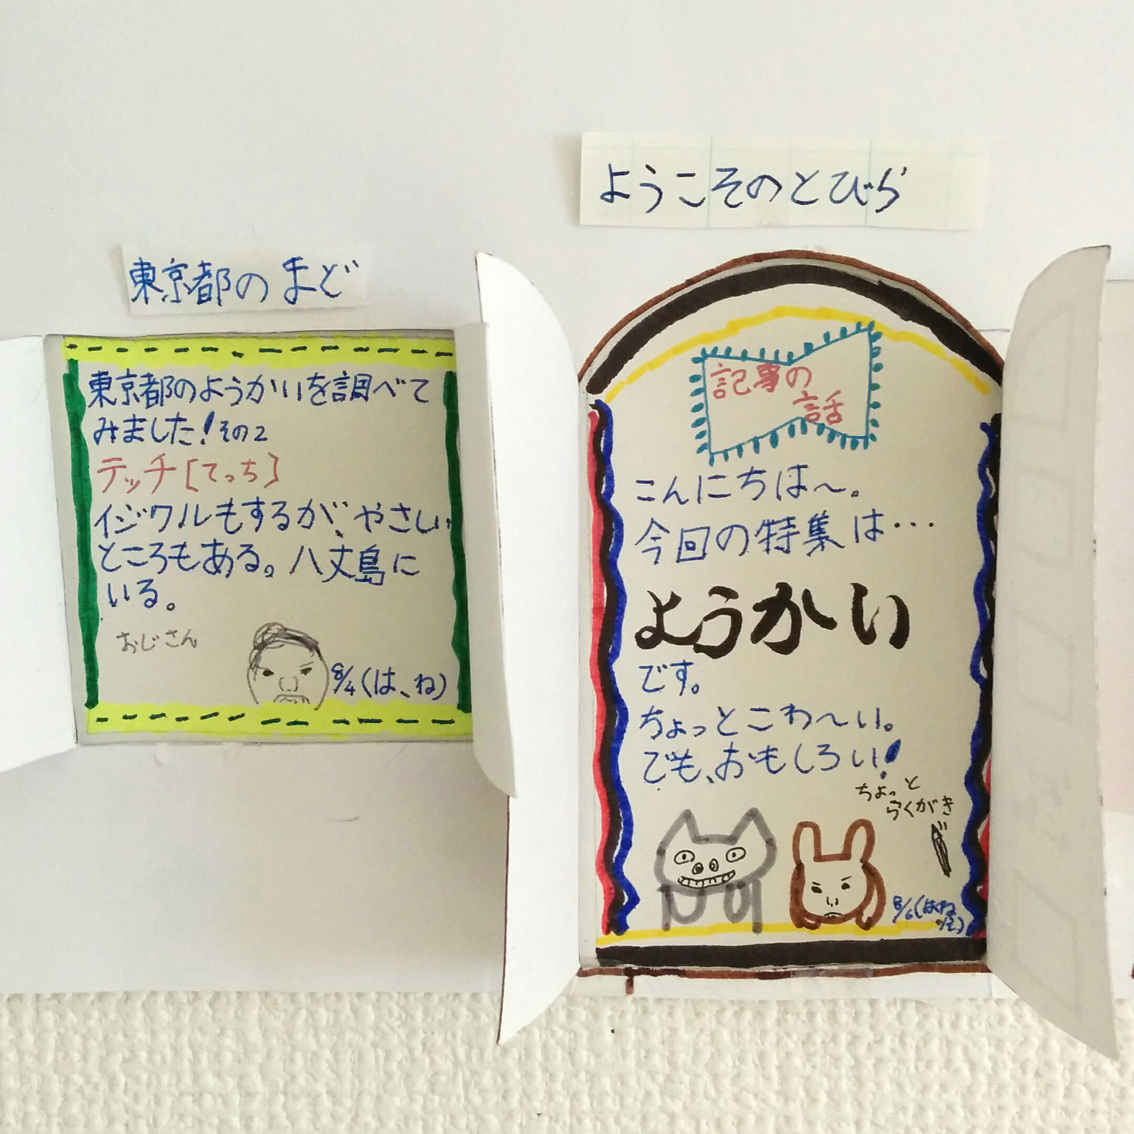 f:id:haruya-oyako:20210809143021j:plain